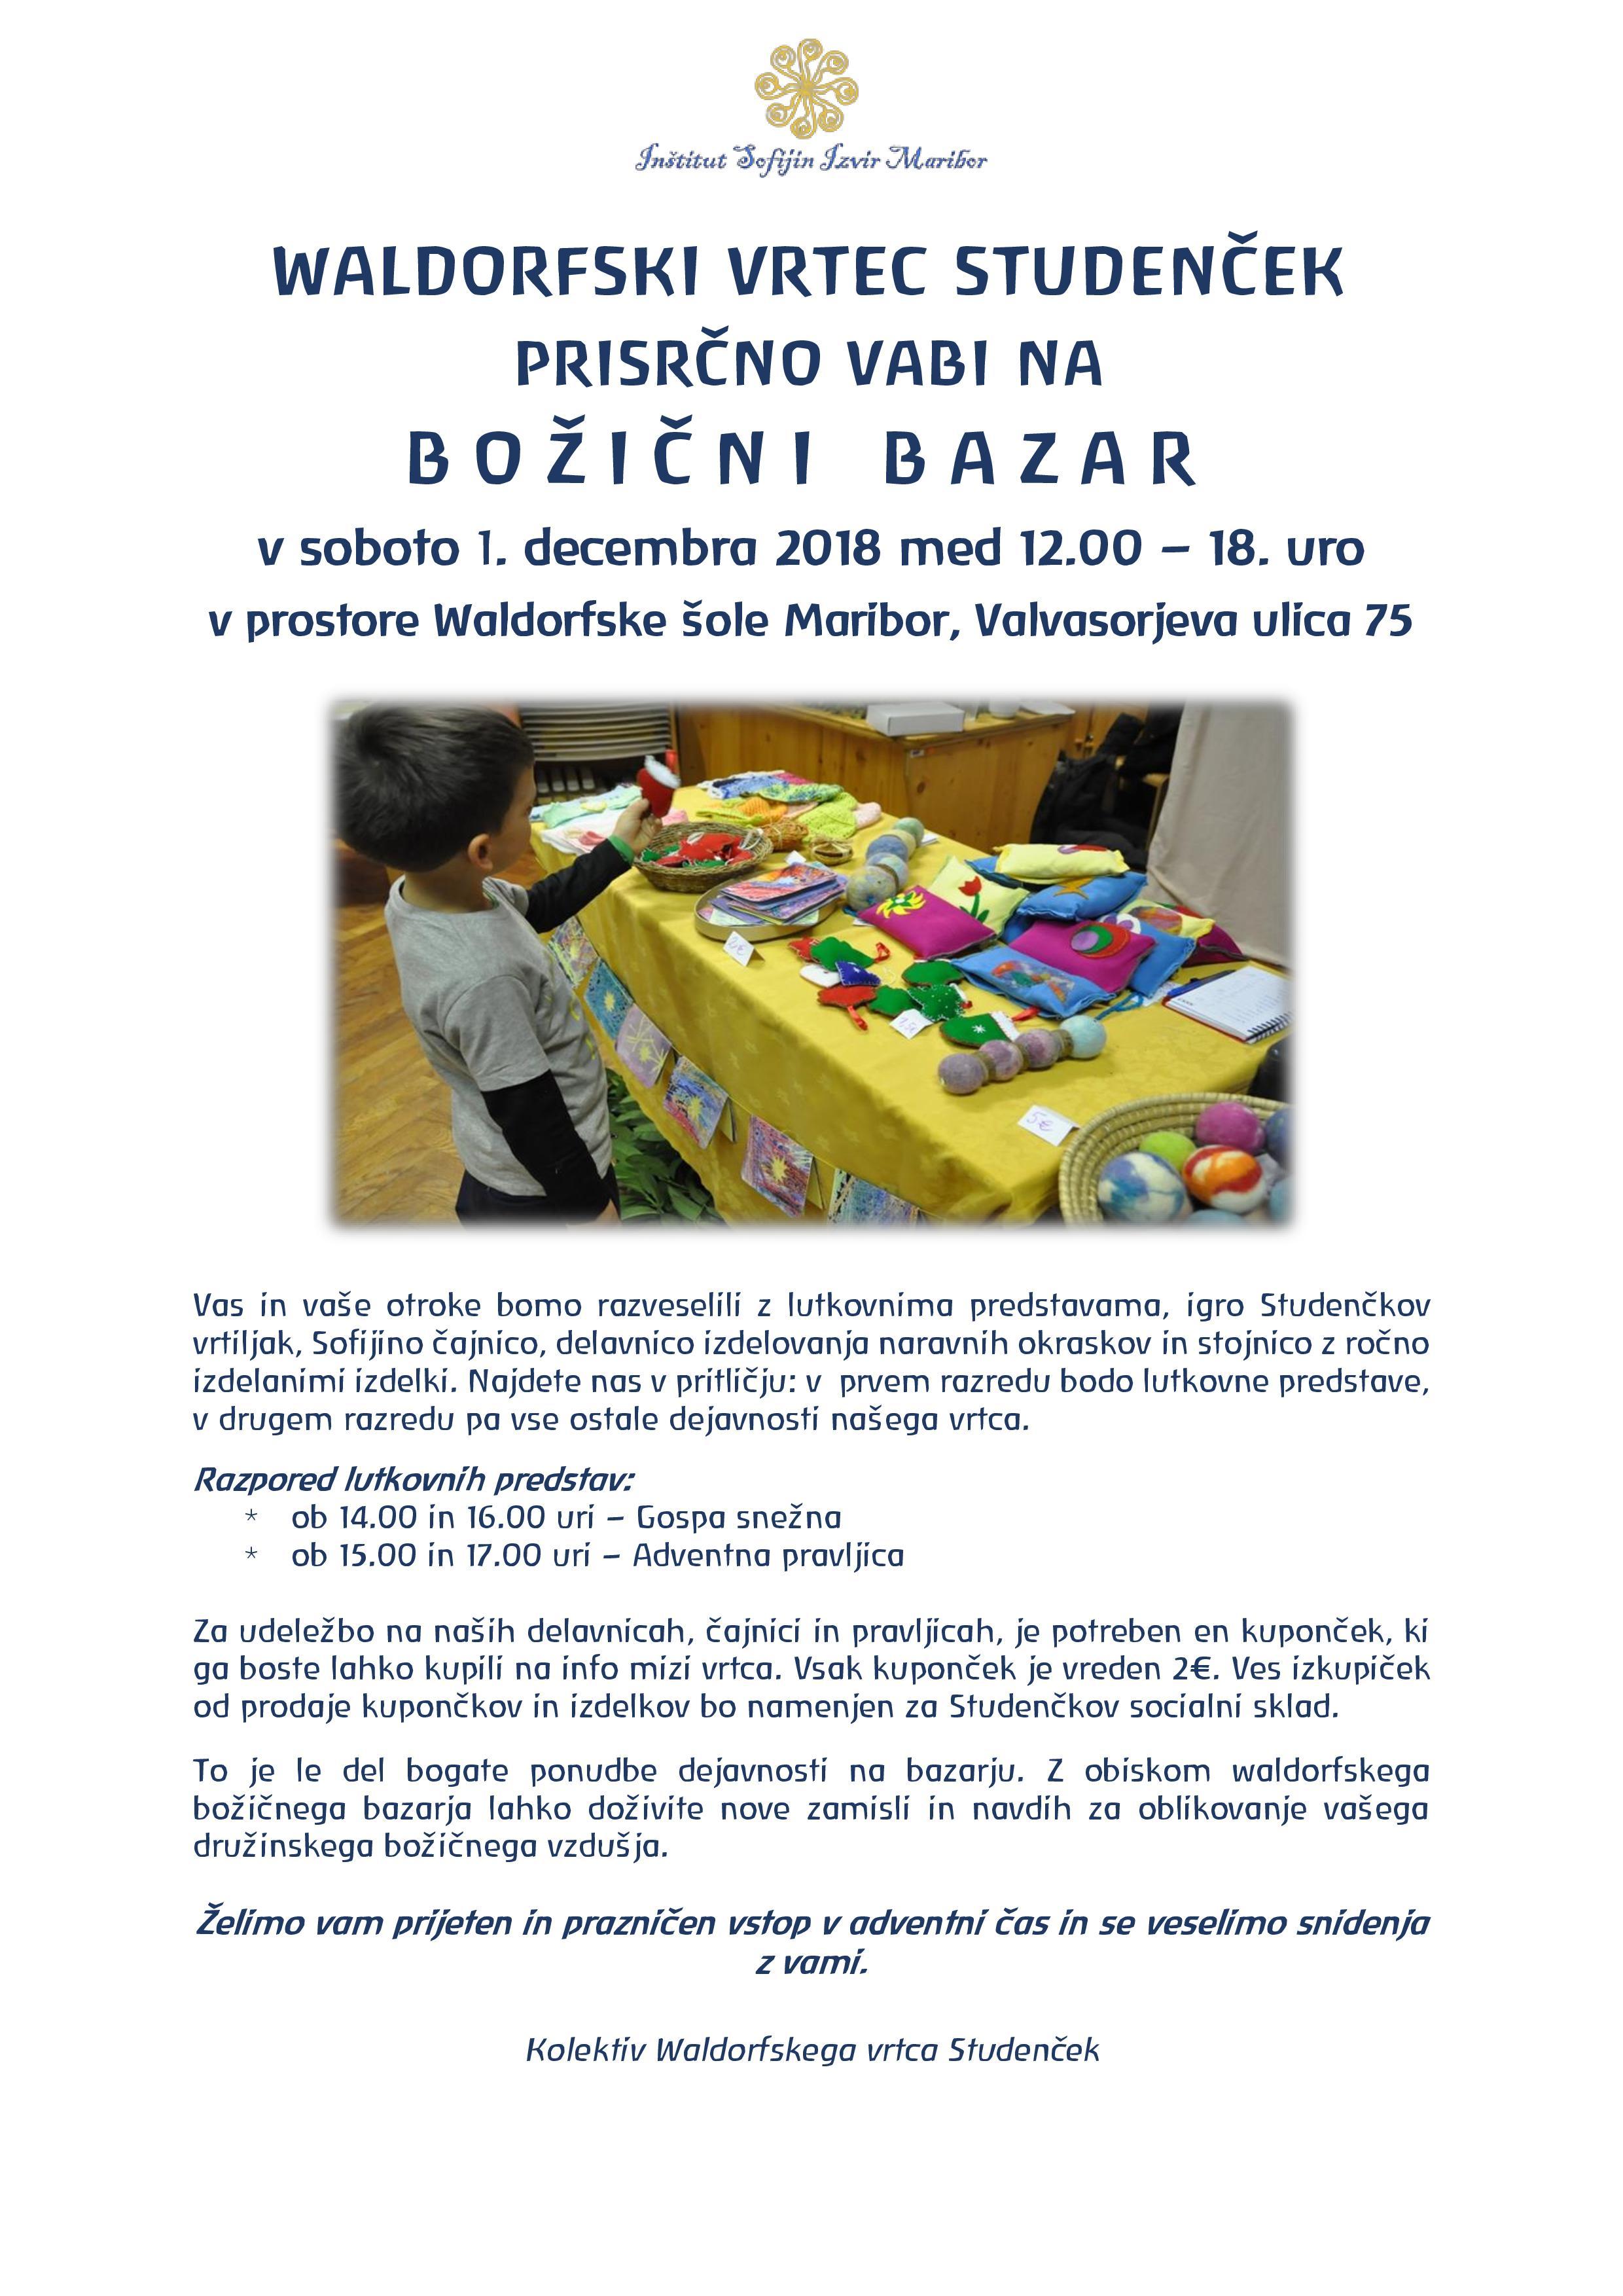 Vabilo_Studenčkov_bazar